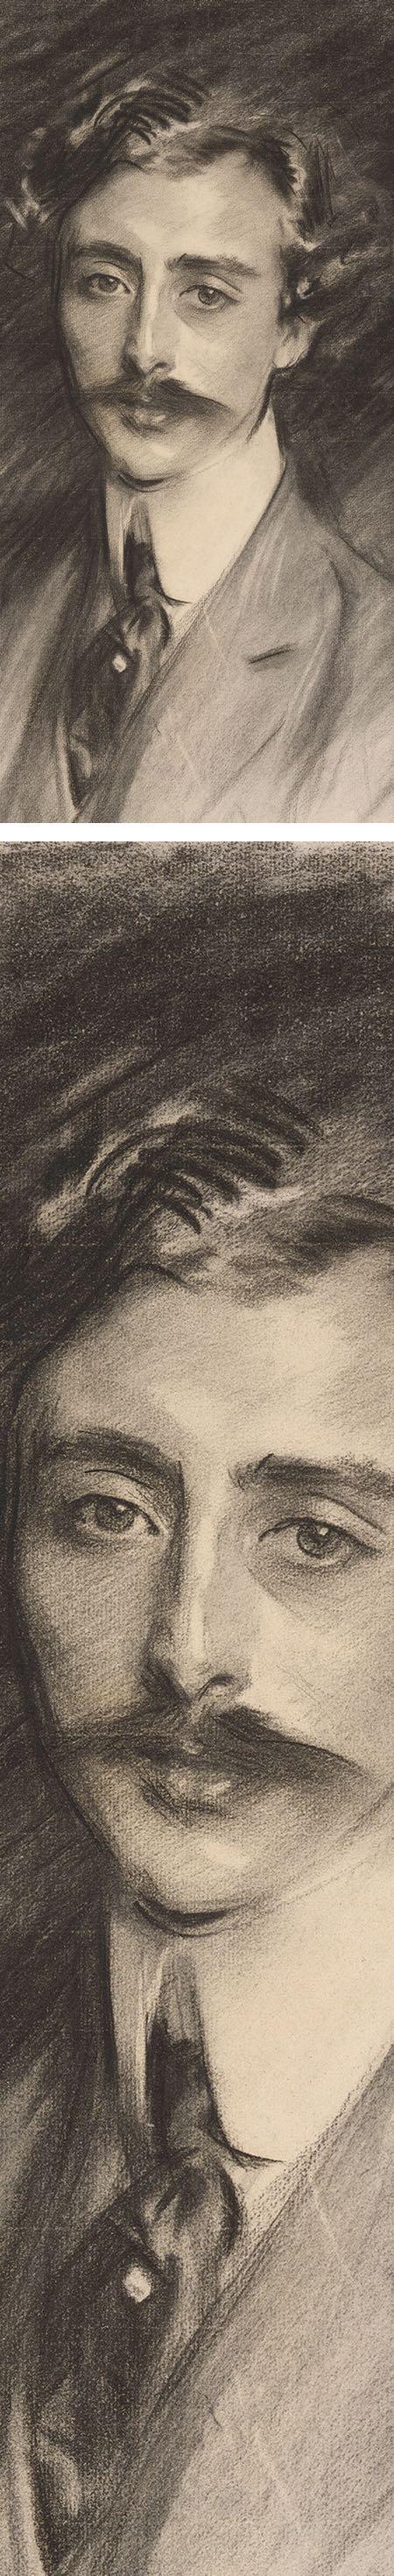 Portrait of Ernest Schelling. John Singer Sargent, charcoal on paper (details)